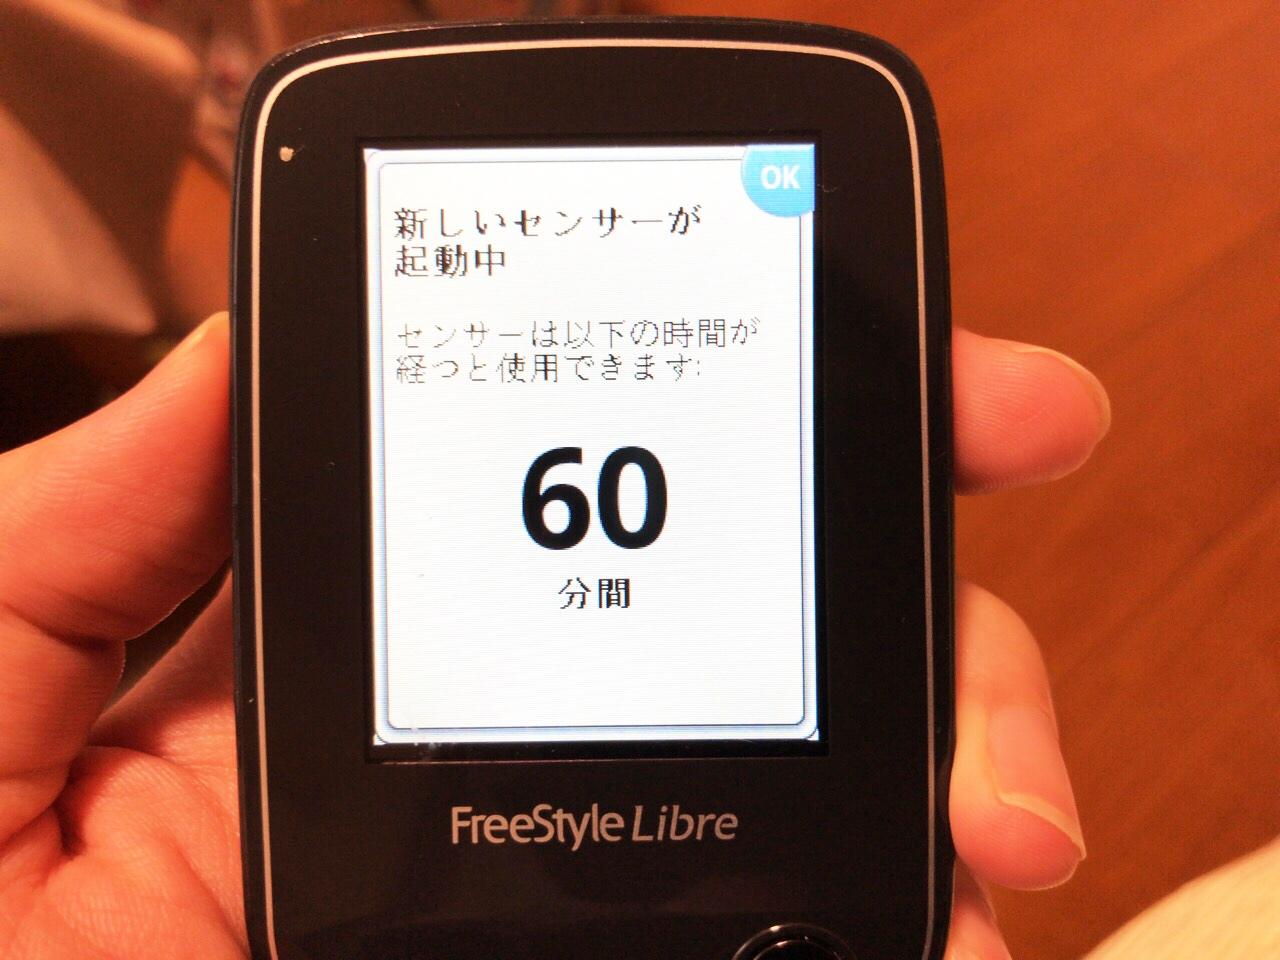 リブレセンサー交換日で朝食後から血糖記録再開し,夜は泌尿器の勉強に出かけた1日|糖尿病内科医のフリースタイルリブレ自己血糖記録